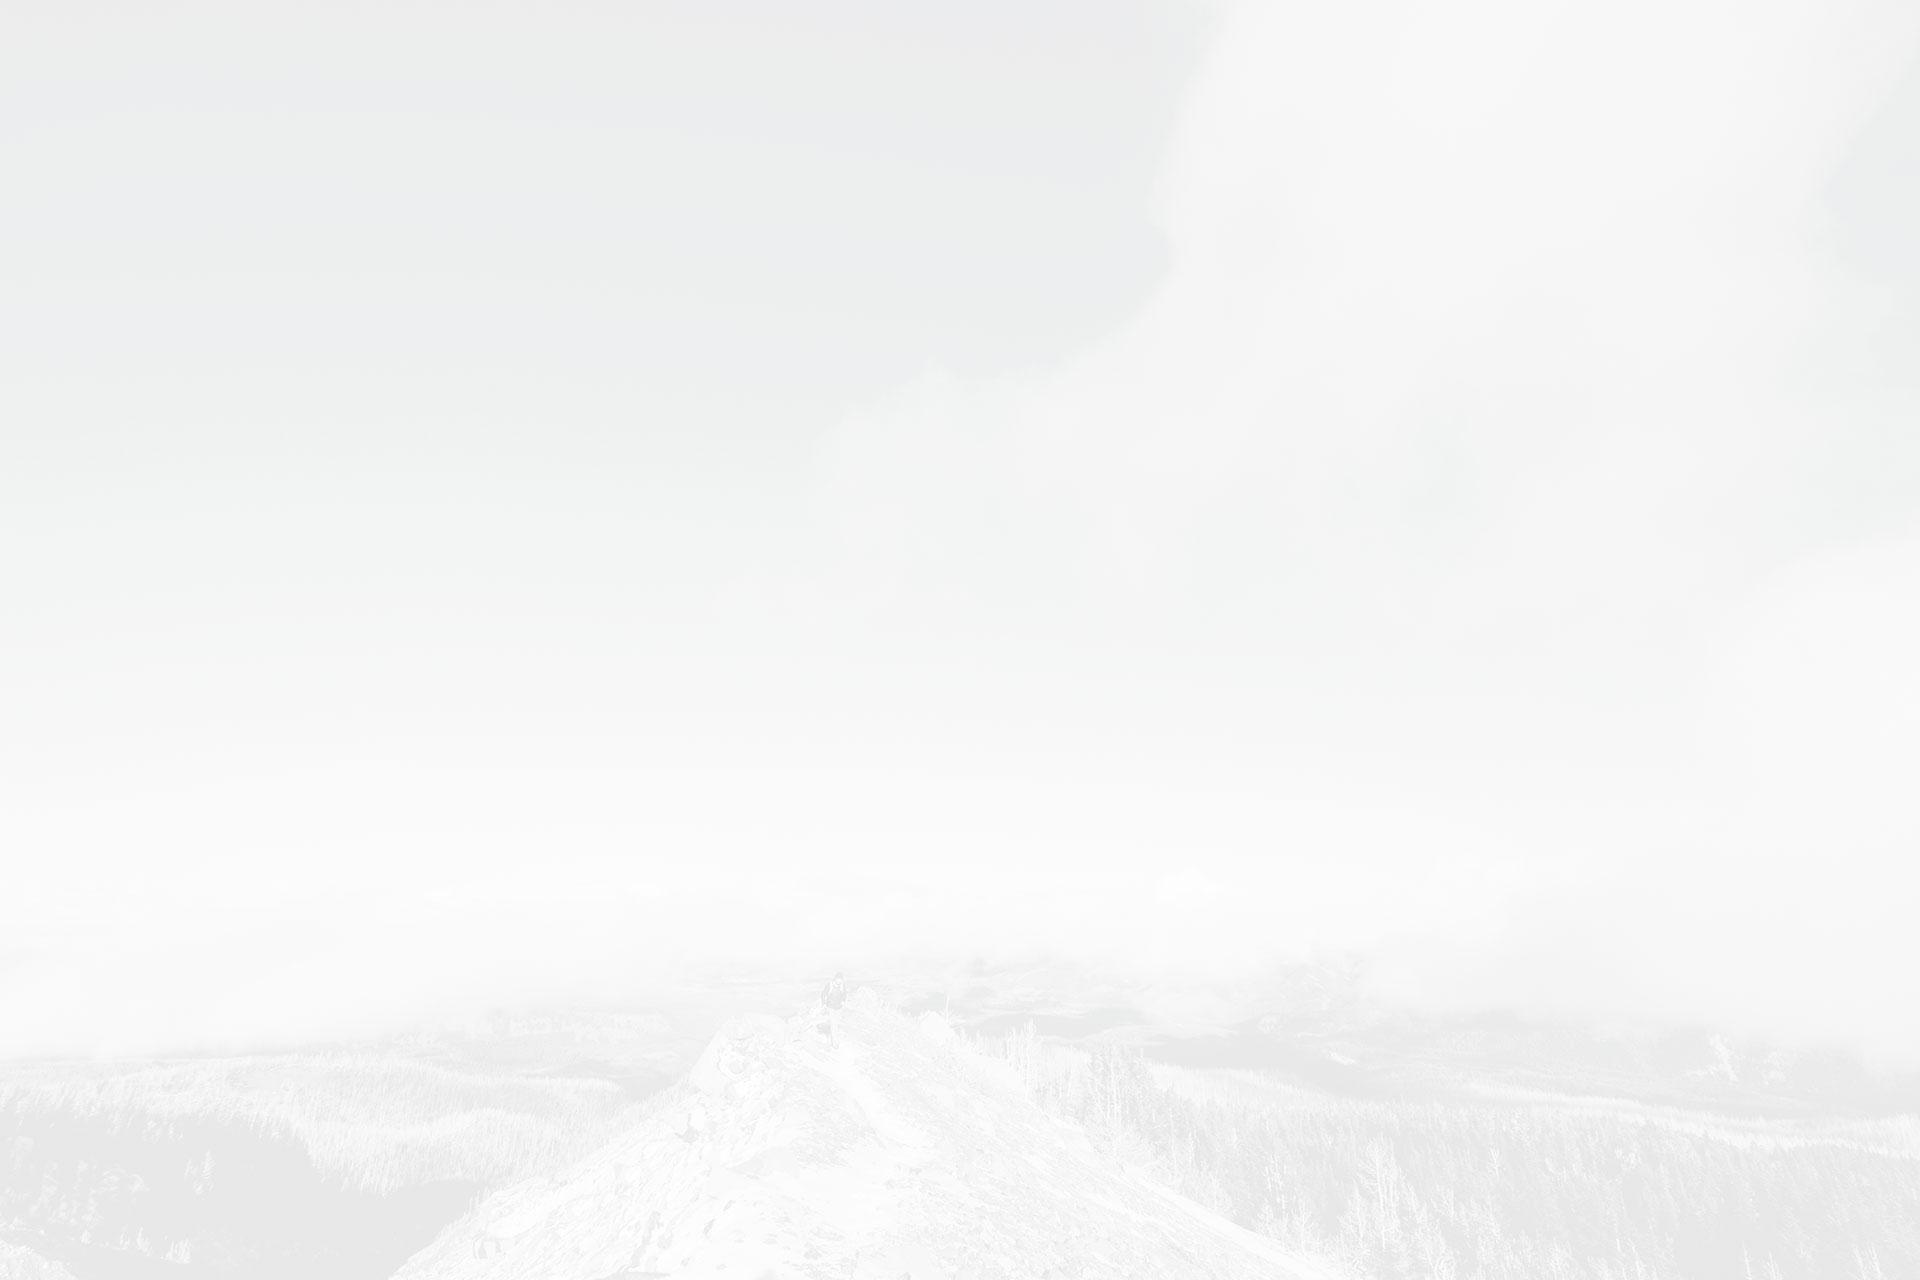 mountainbg